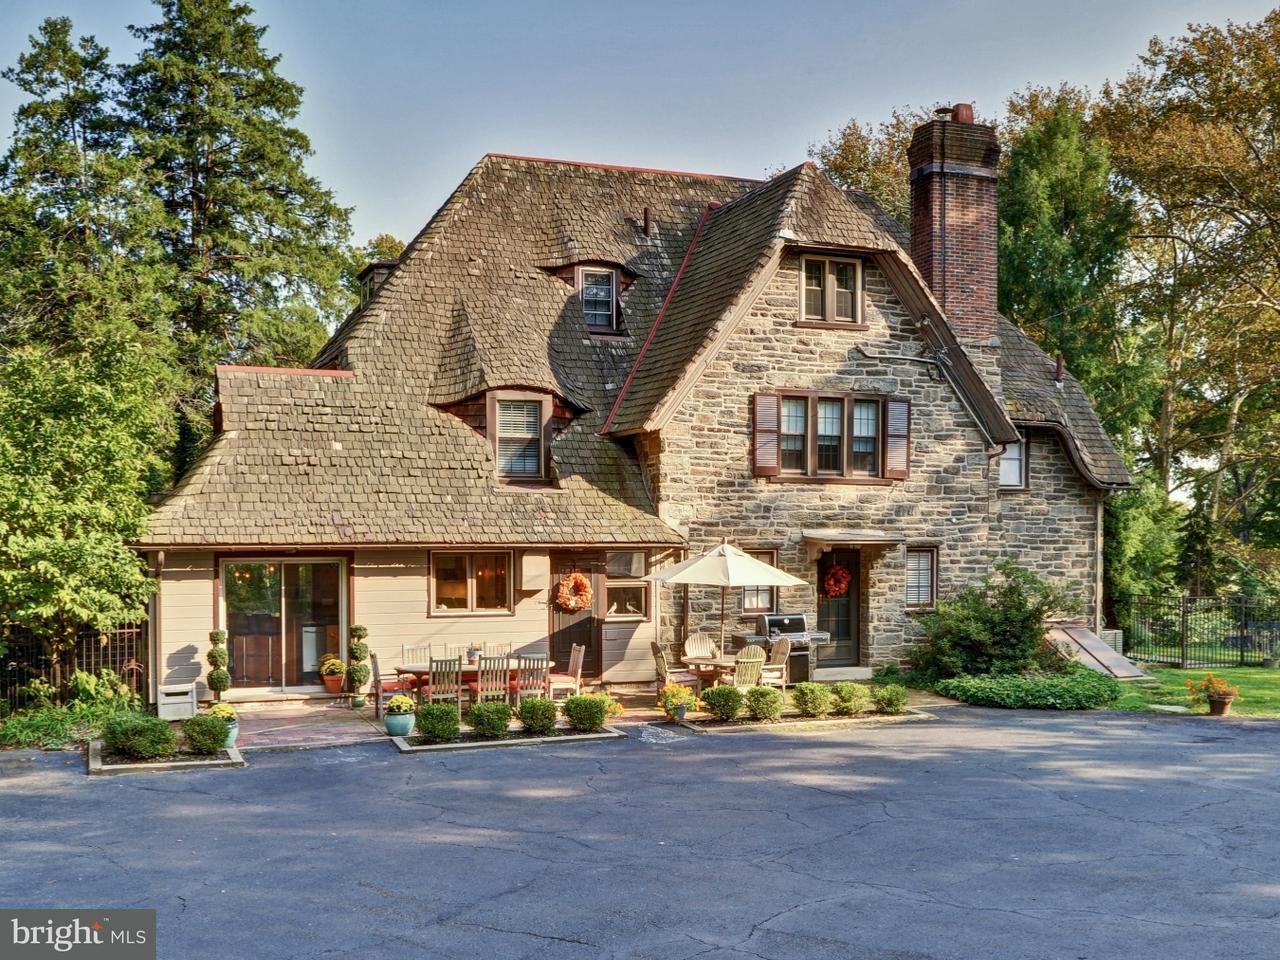 Частный односемейный дом для того Продажа на 1760 CLOVERLY Lane Jenkintown, Пенсильвания 19046 Соединенные Штаты